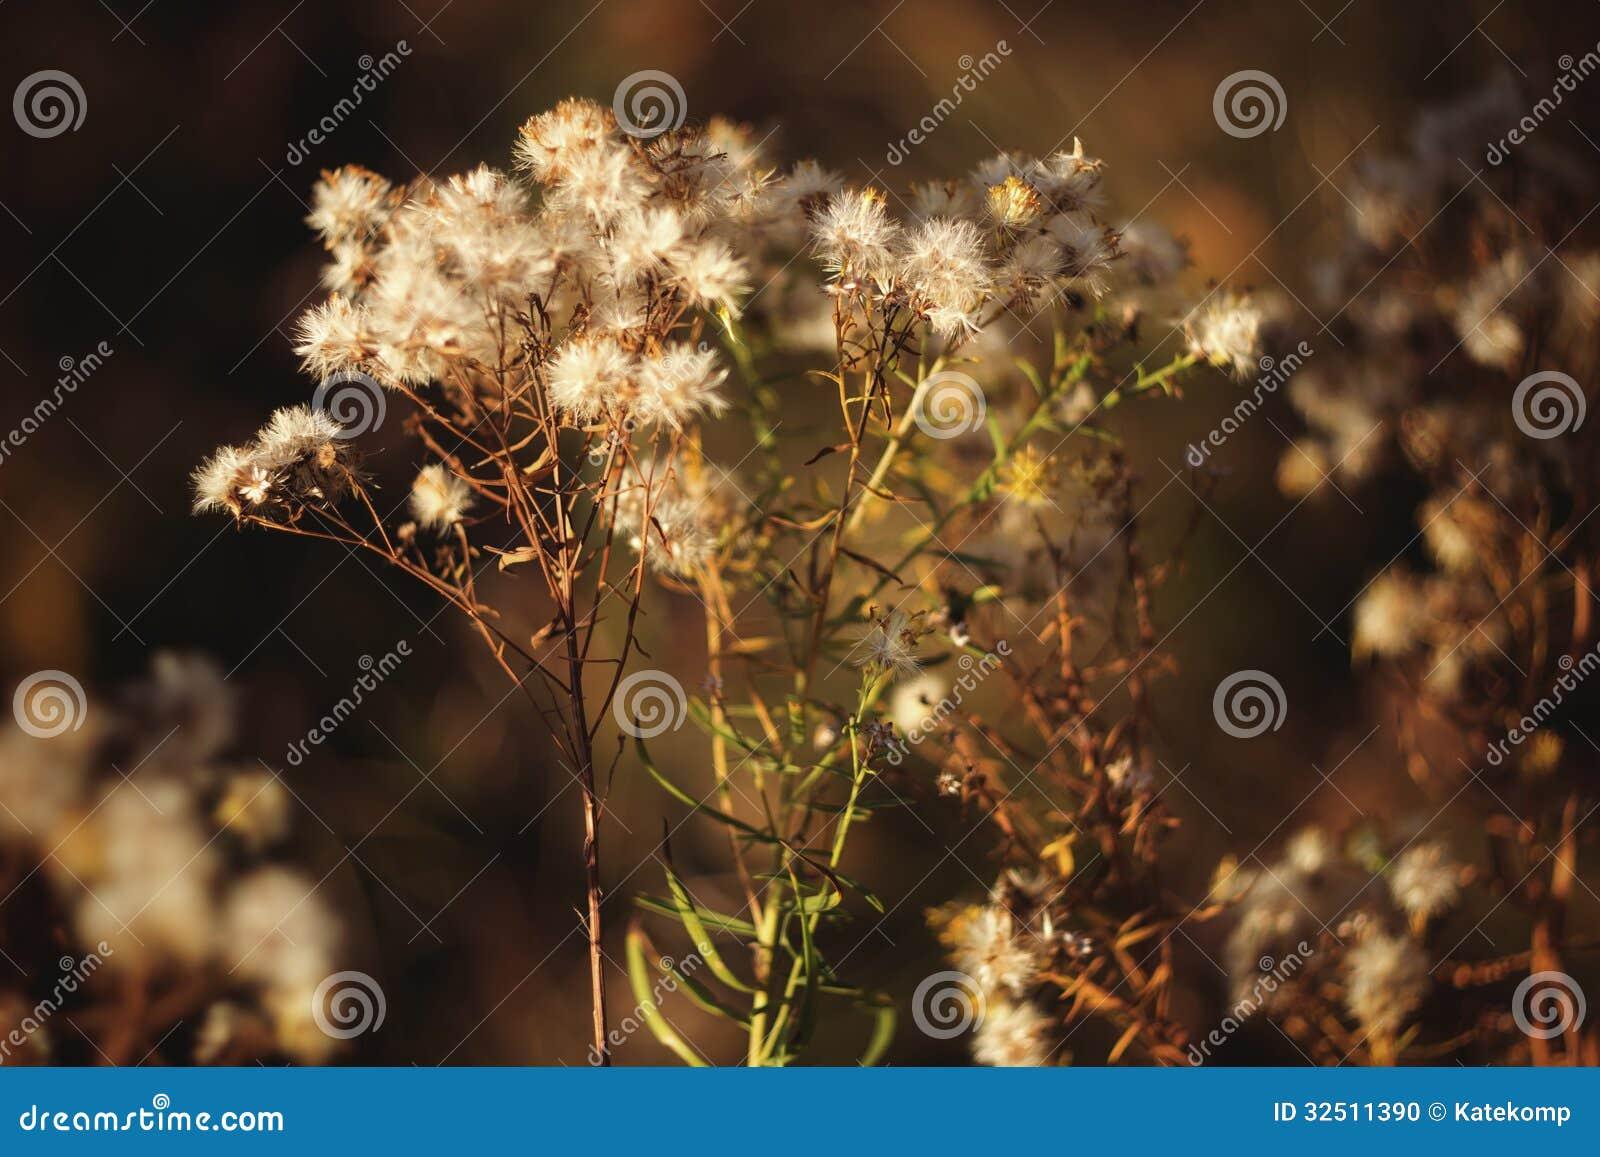 Jesieni fotografia ładni rośliien prickles